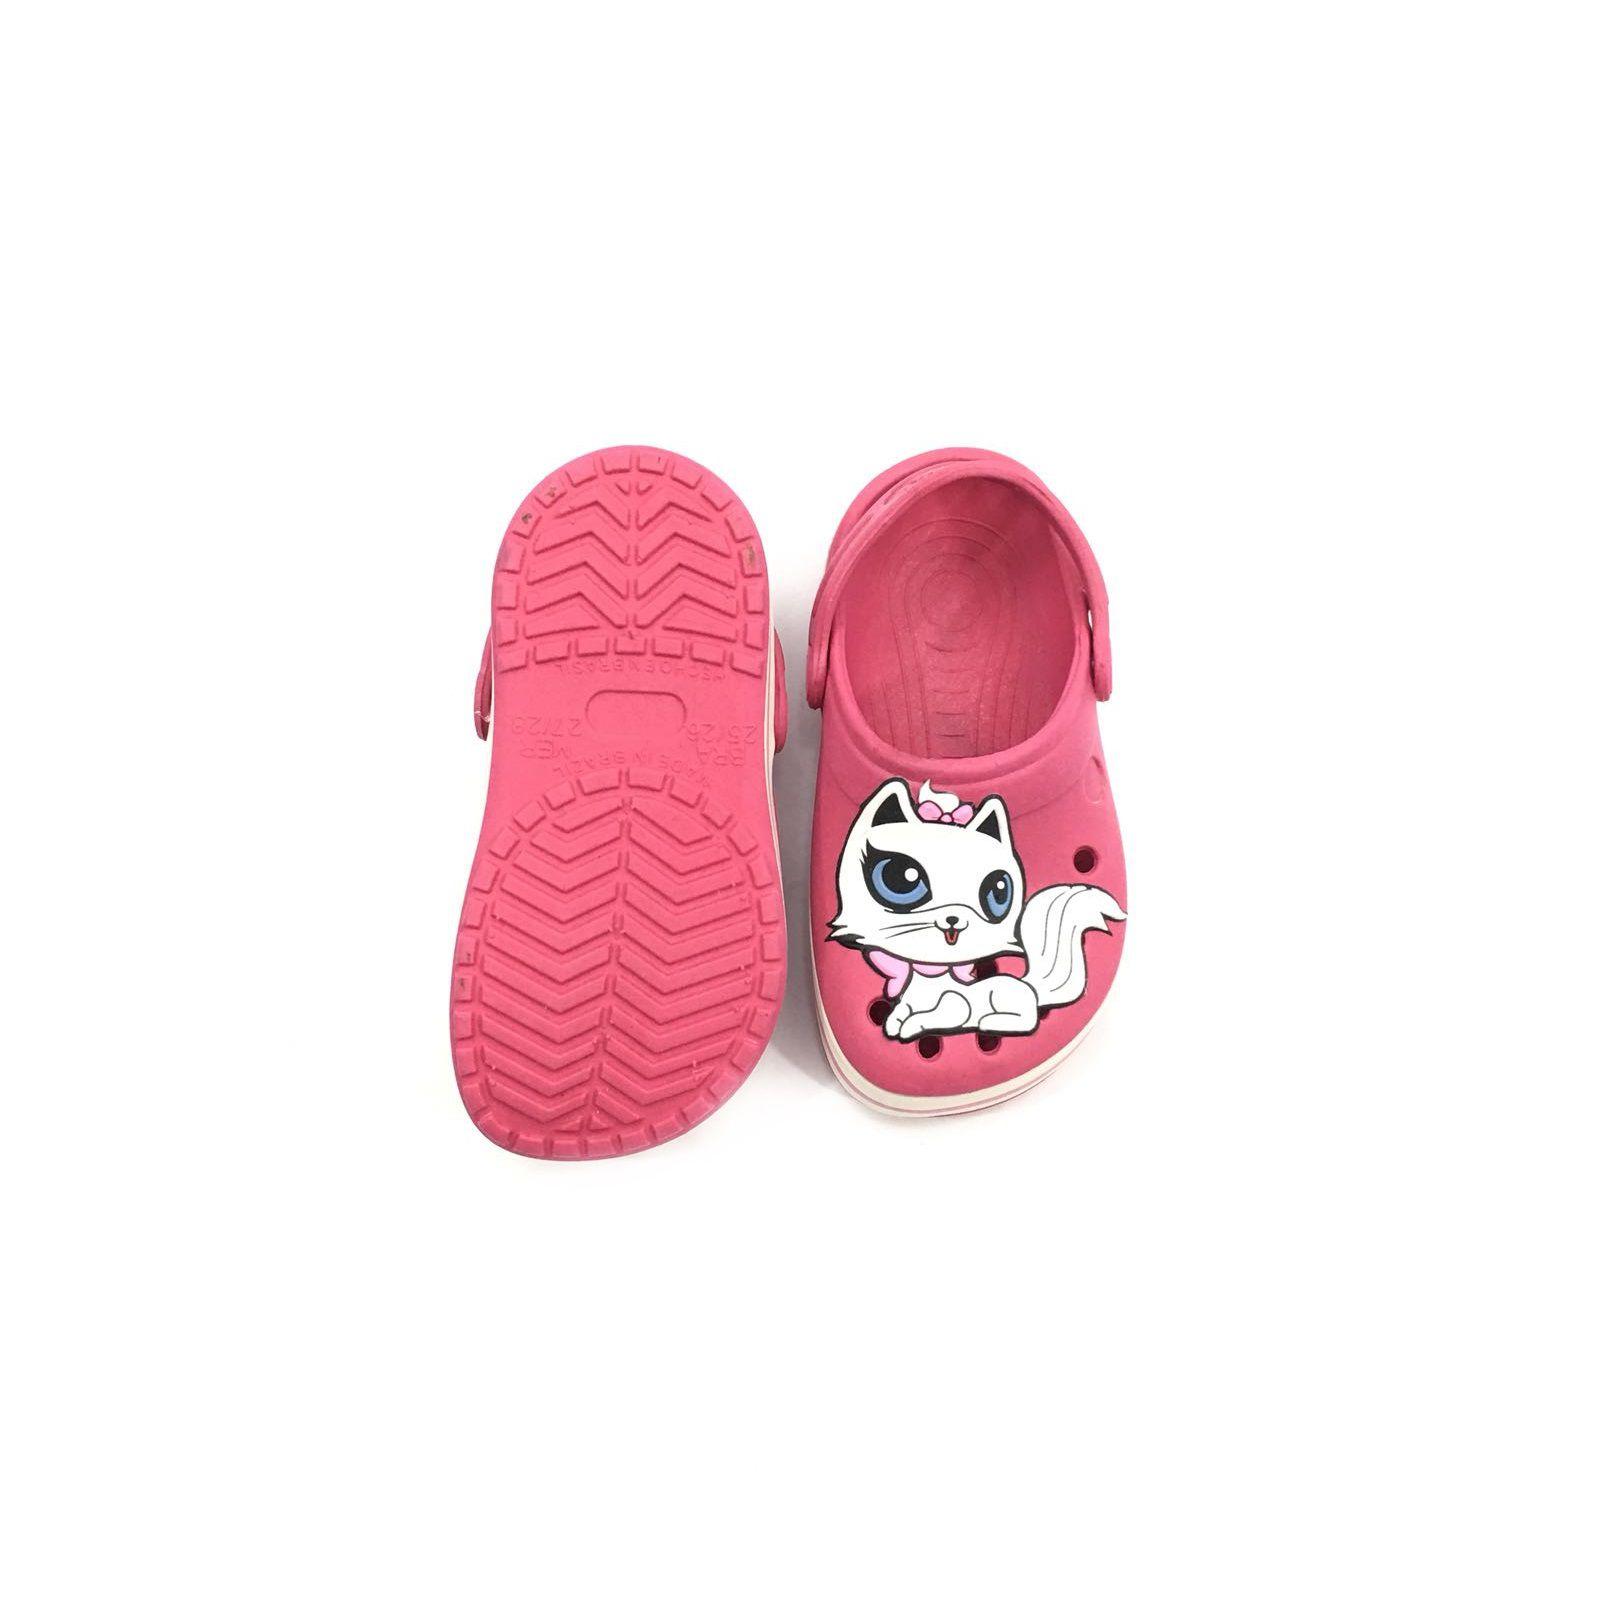 0913d89b92 sandalia crocs infantil rosa babuche Feminina Yuupiii Gatinha